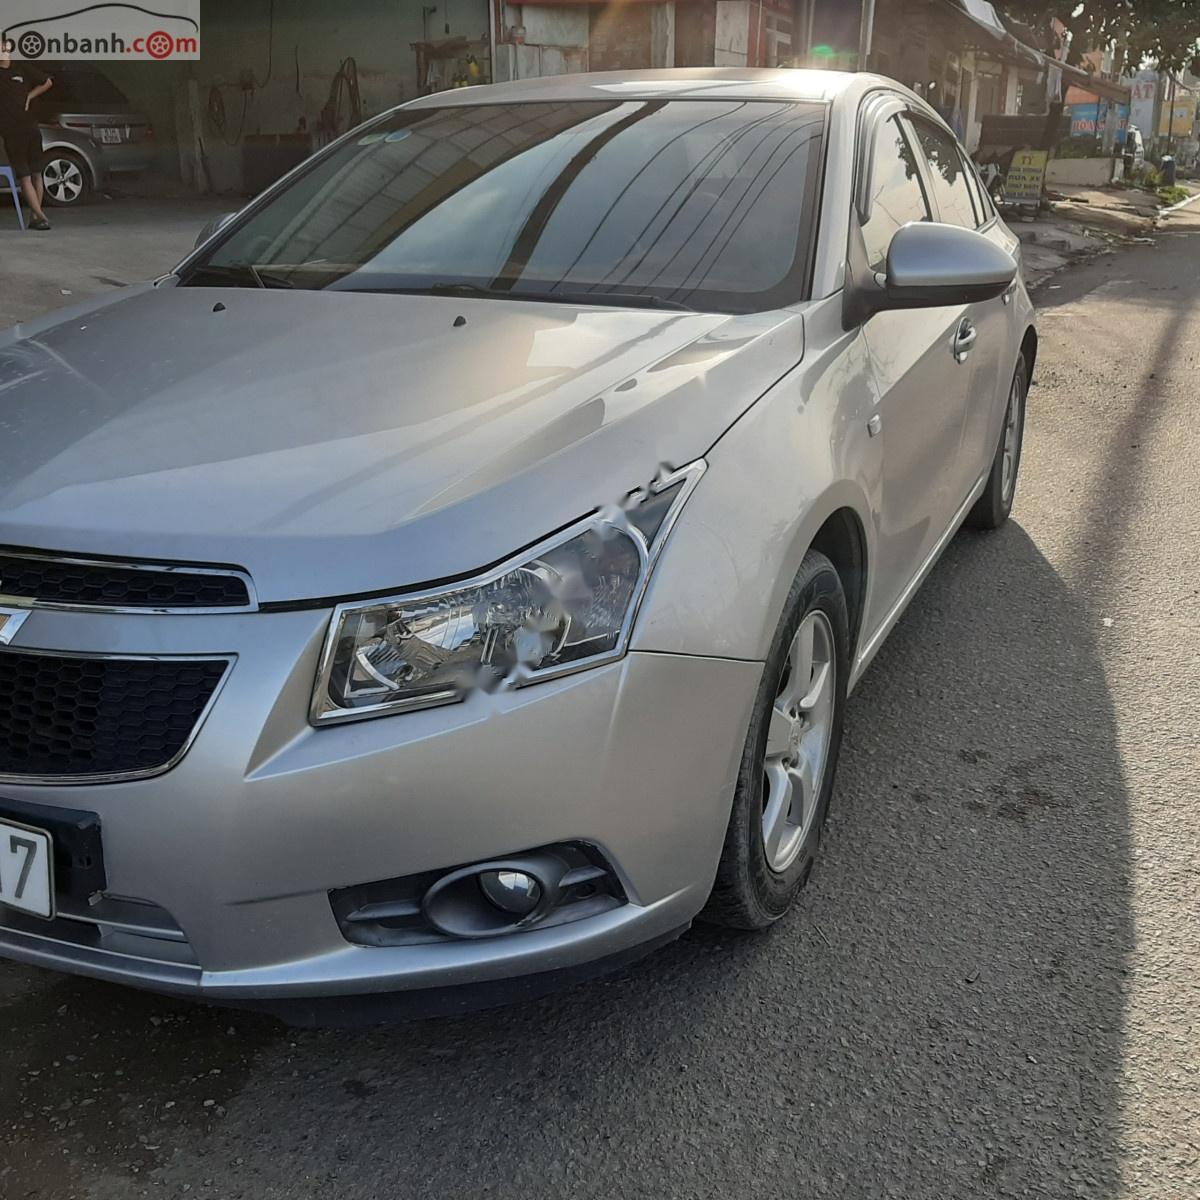 Bán xe Chevrolet Cruze sản xuất 2014, màu bạc, giá chỉ 325 triệu xe còn mới nguyên